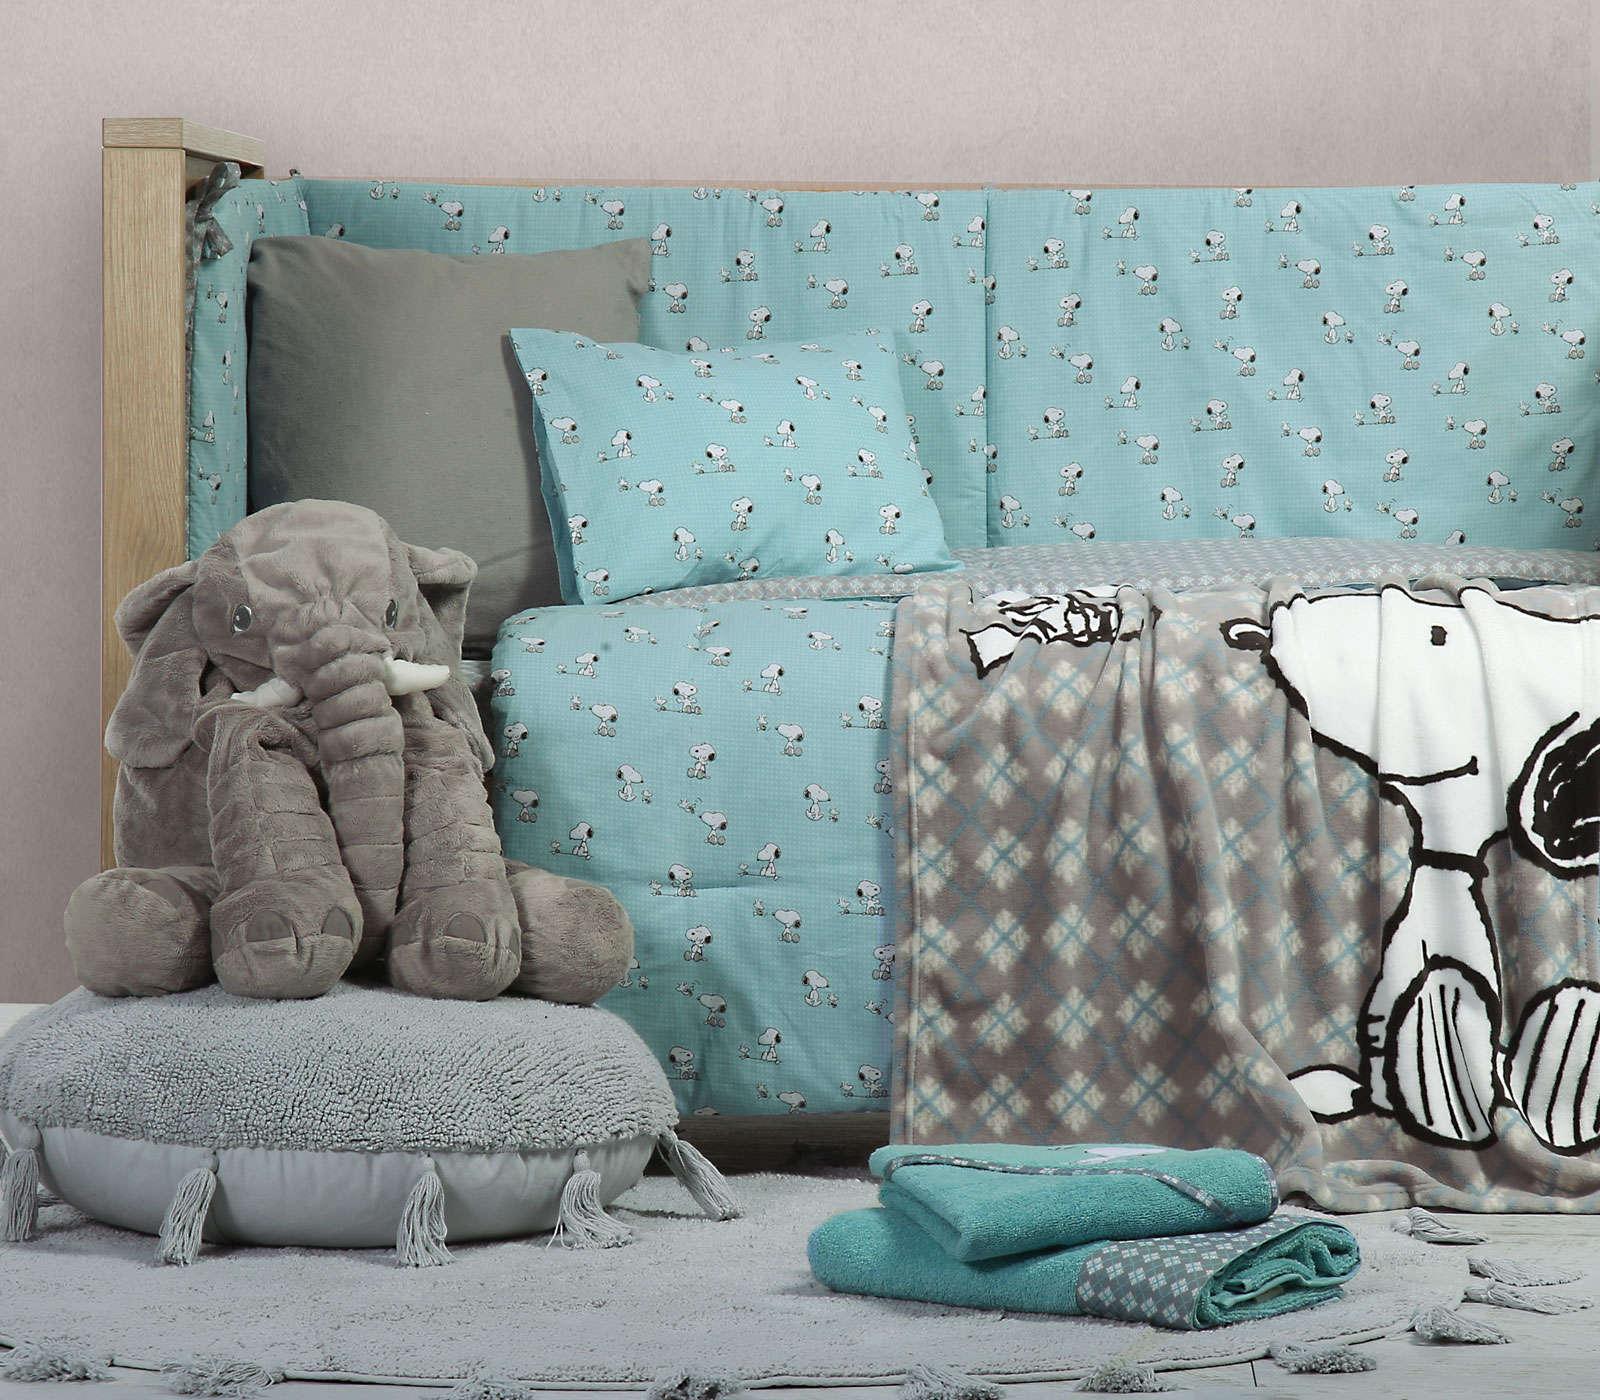 Σεντόνια Βρεφικά Σετ Snoopy Happiness Aqua Nef Nef Κούνιας 120x170cm